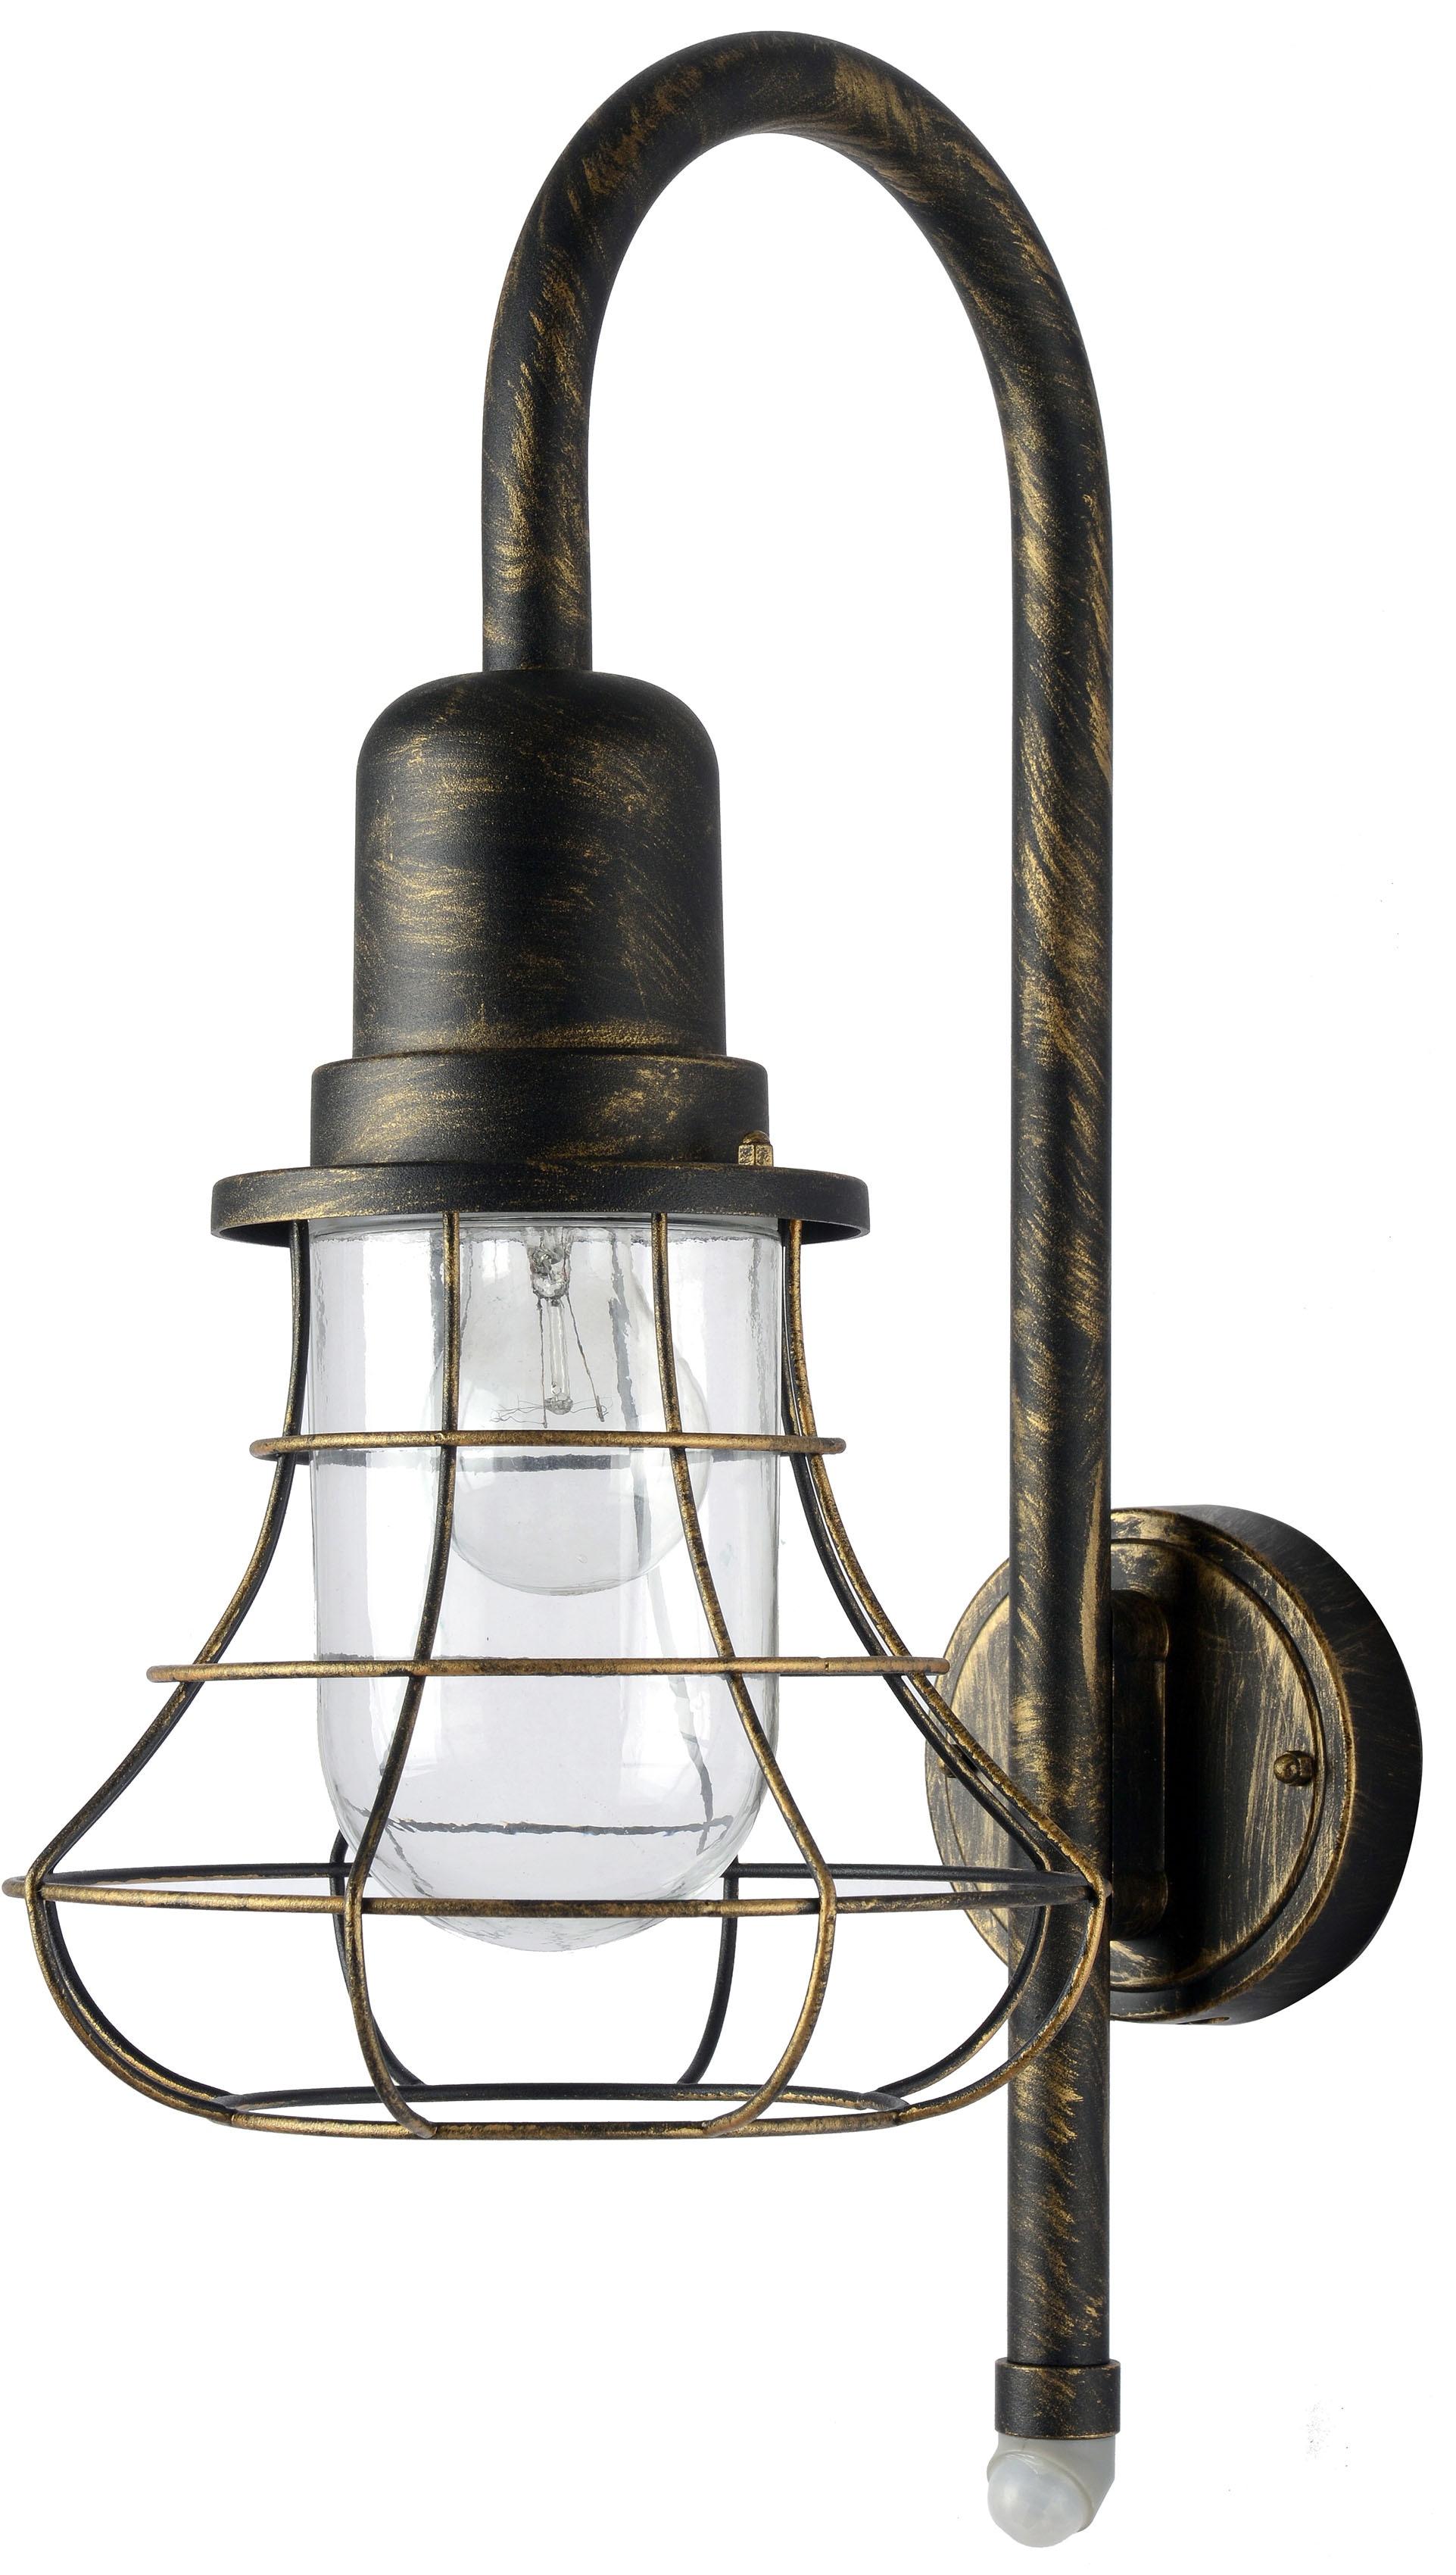 LUTEC Außen-Wandleuchte BIRD 1901-PIR BG, E27, 1 St., Bewegungsmelder